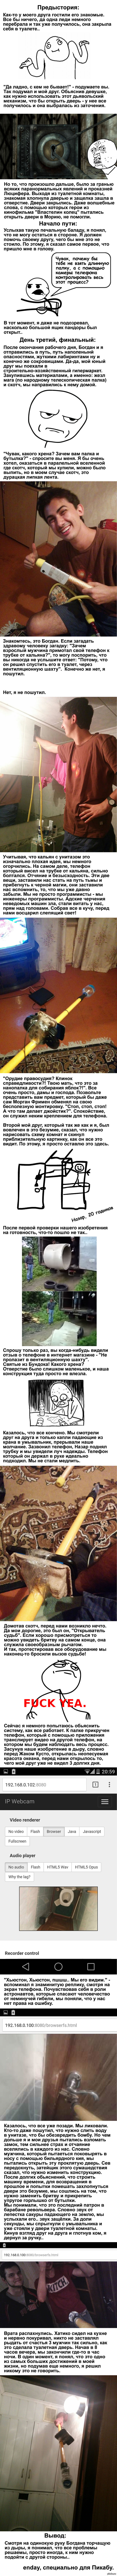 """""""Успокойся я инженер!"""" или """"Что делать, если у вас закрылся туалет?""""   длиннопост, проблема, друг, инженер, Туалет"""